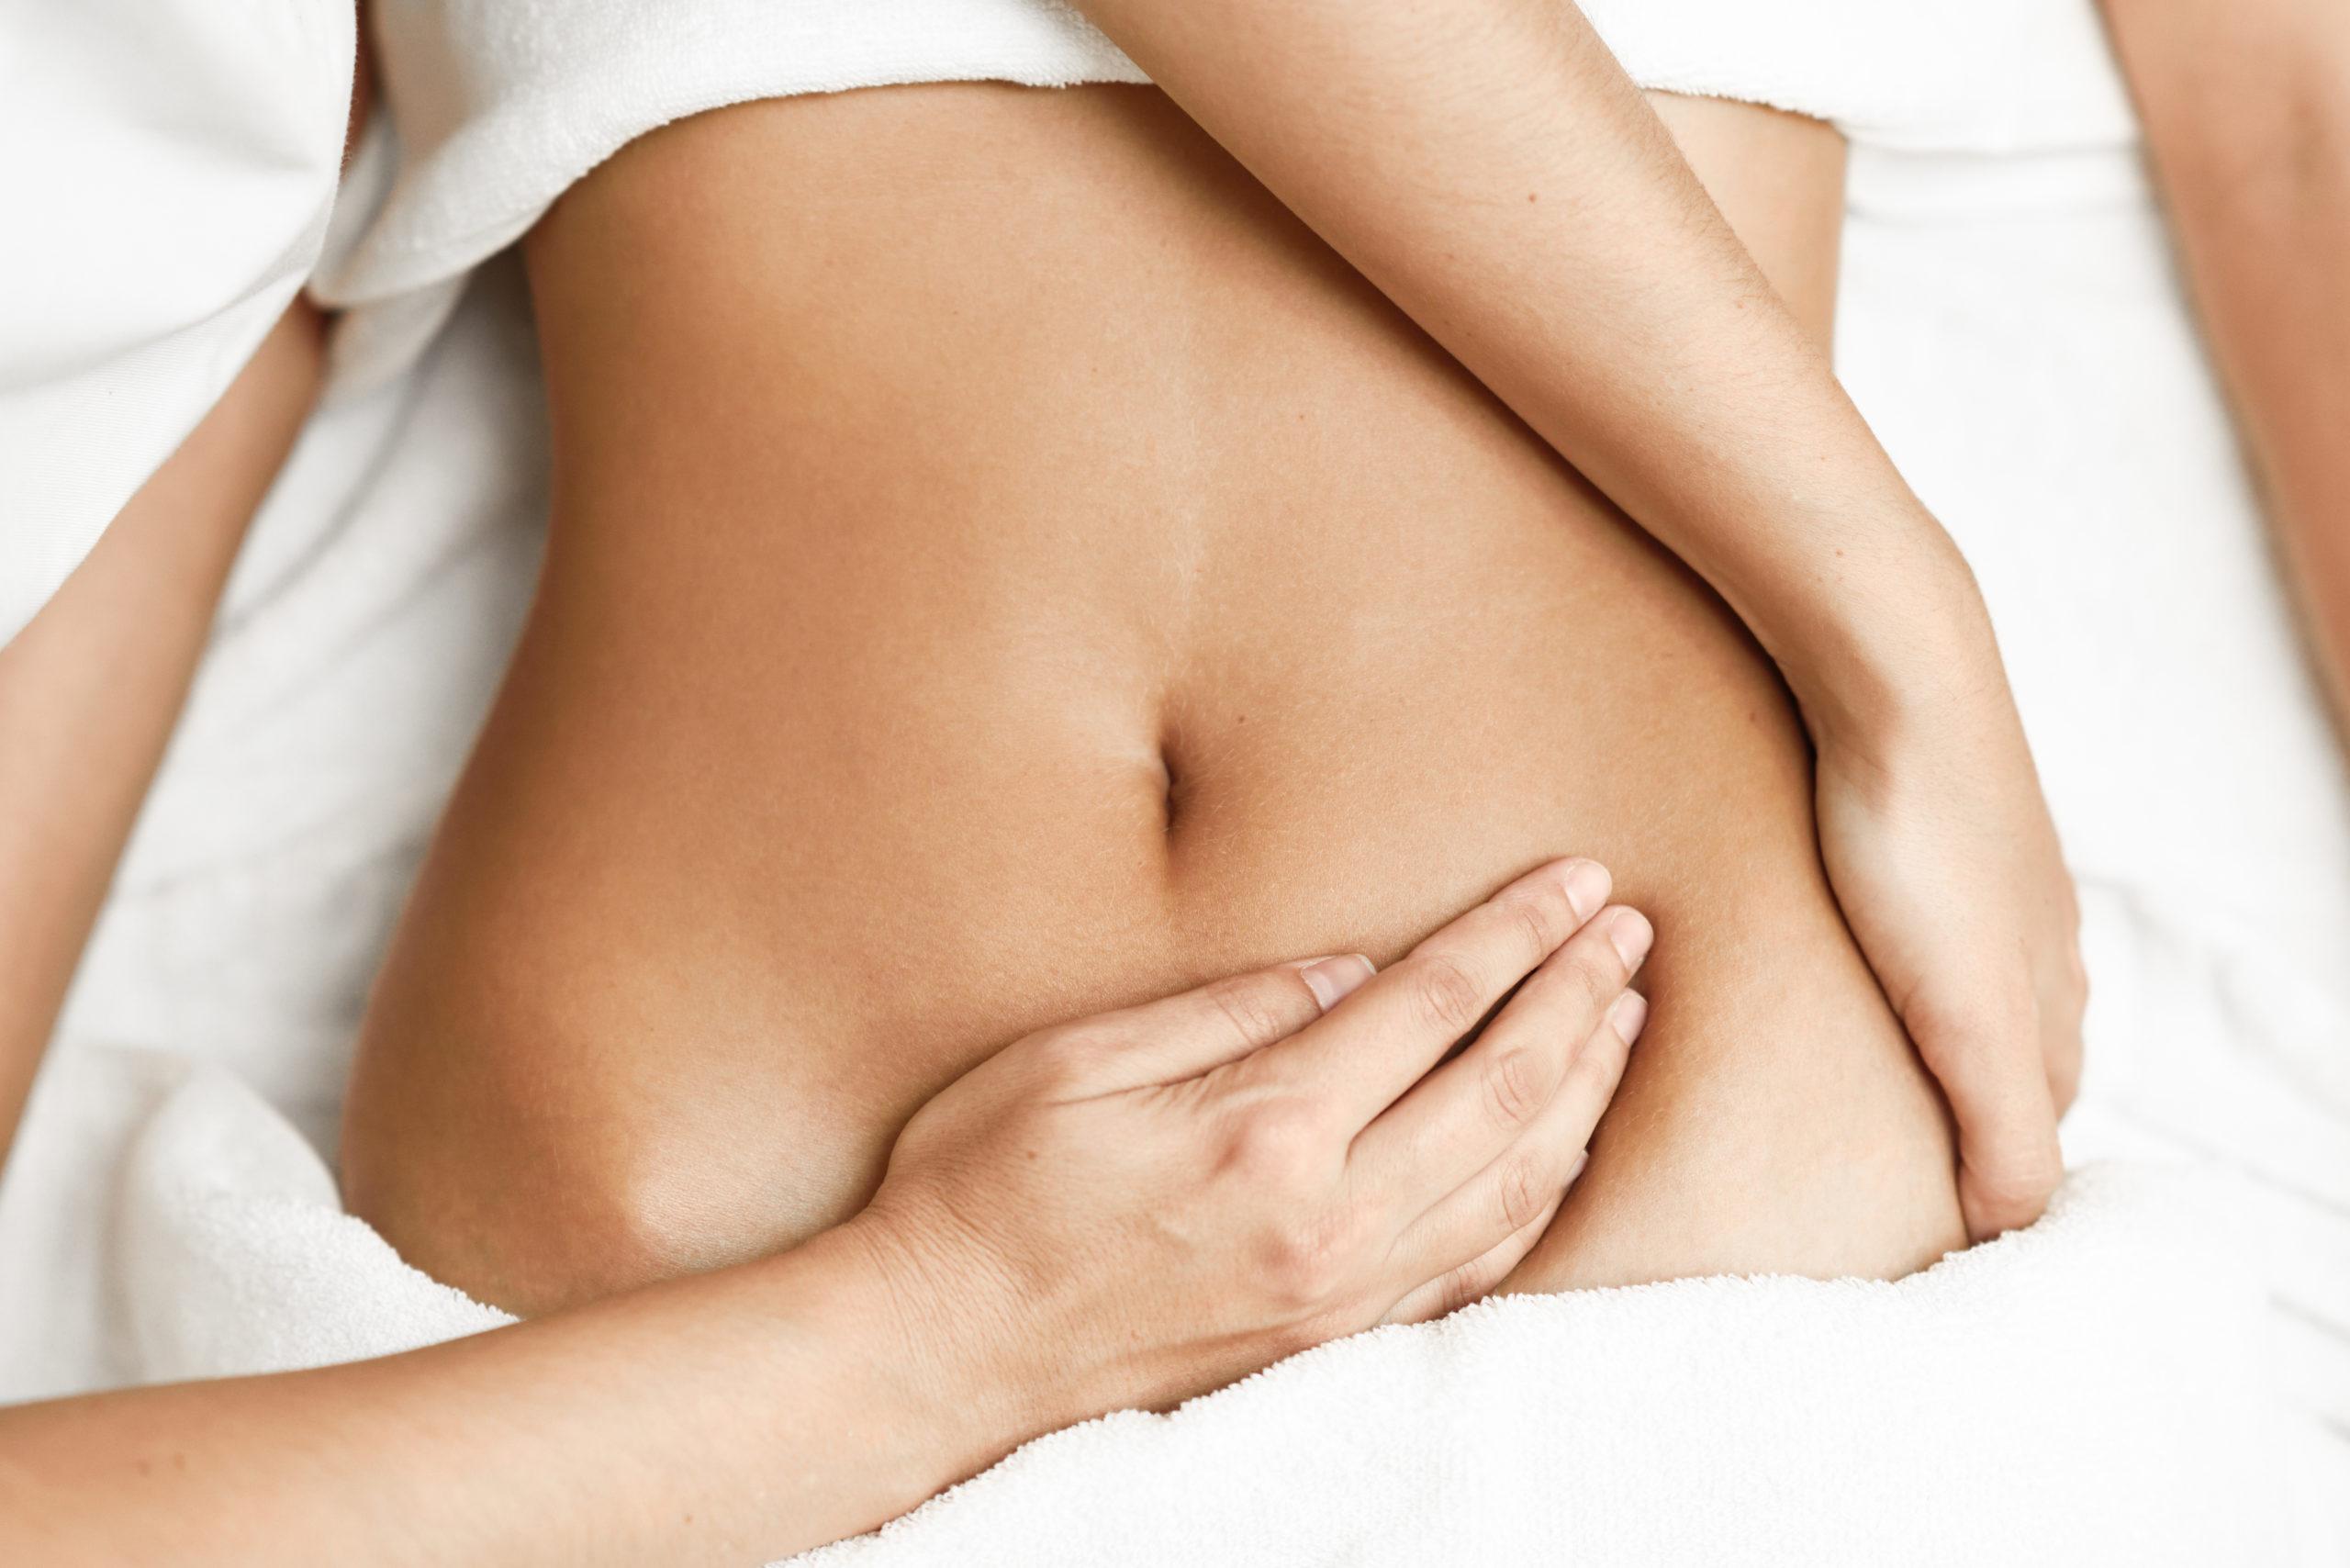 Parlons médecines douces : l'ostéopathie